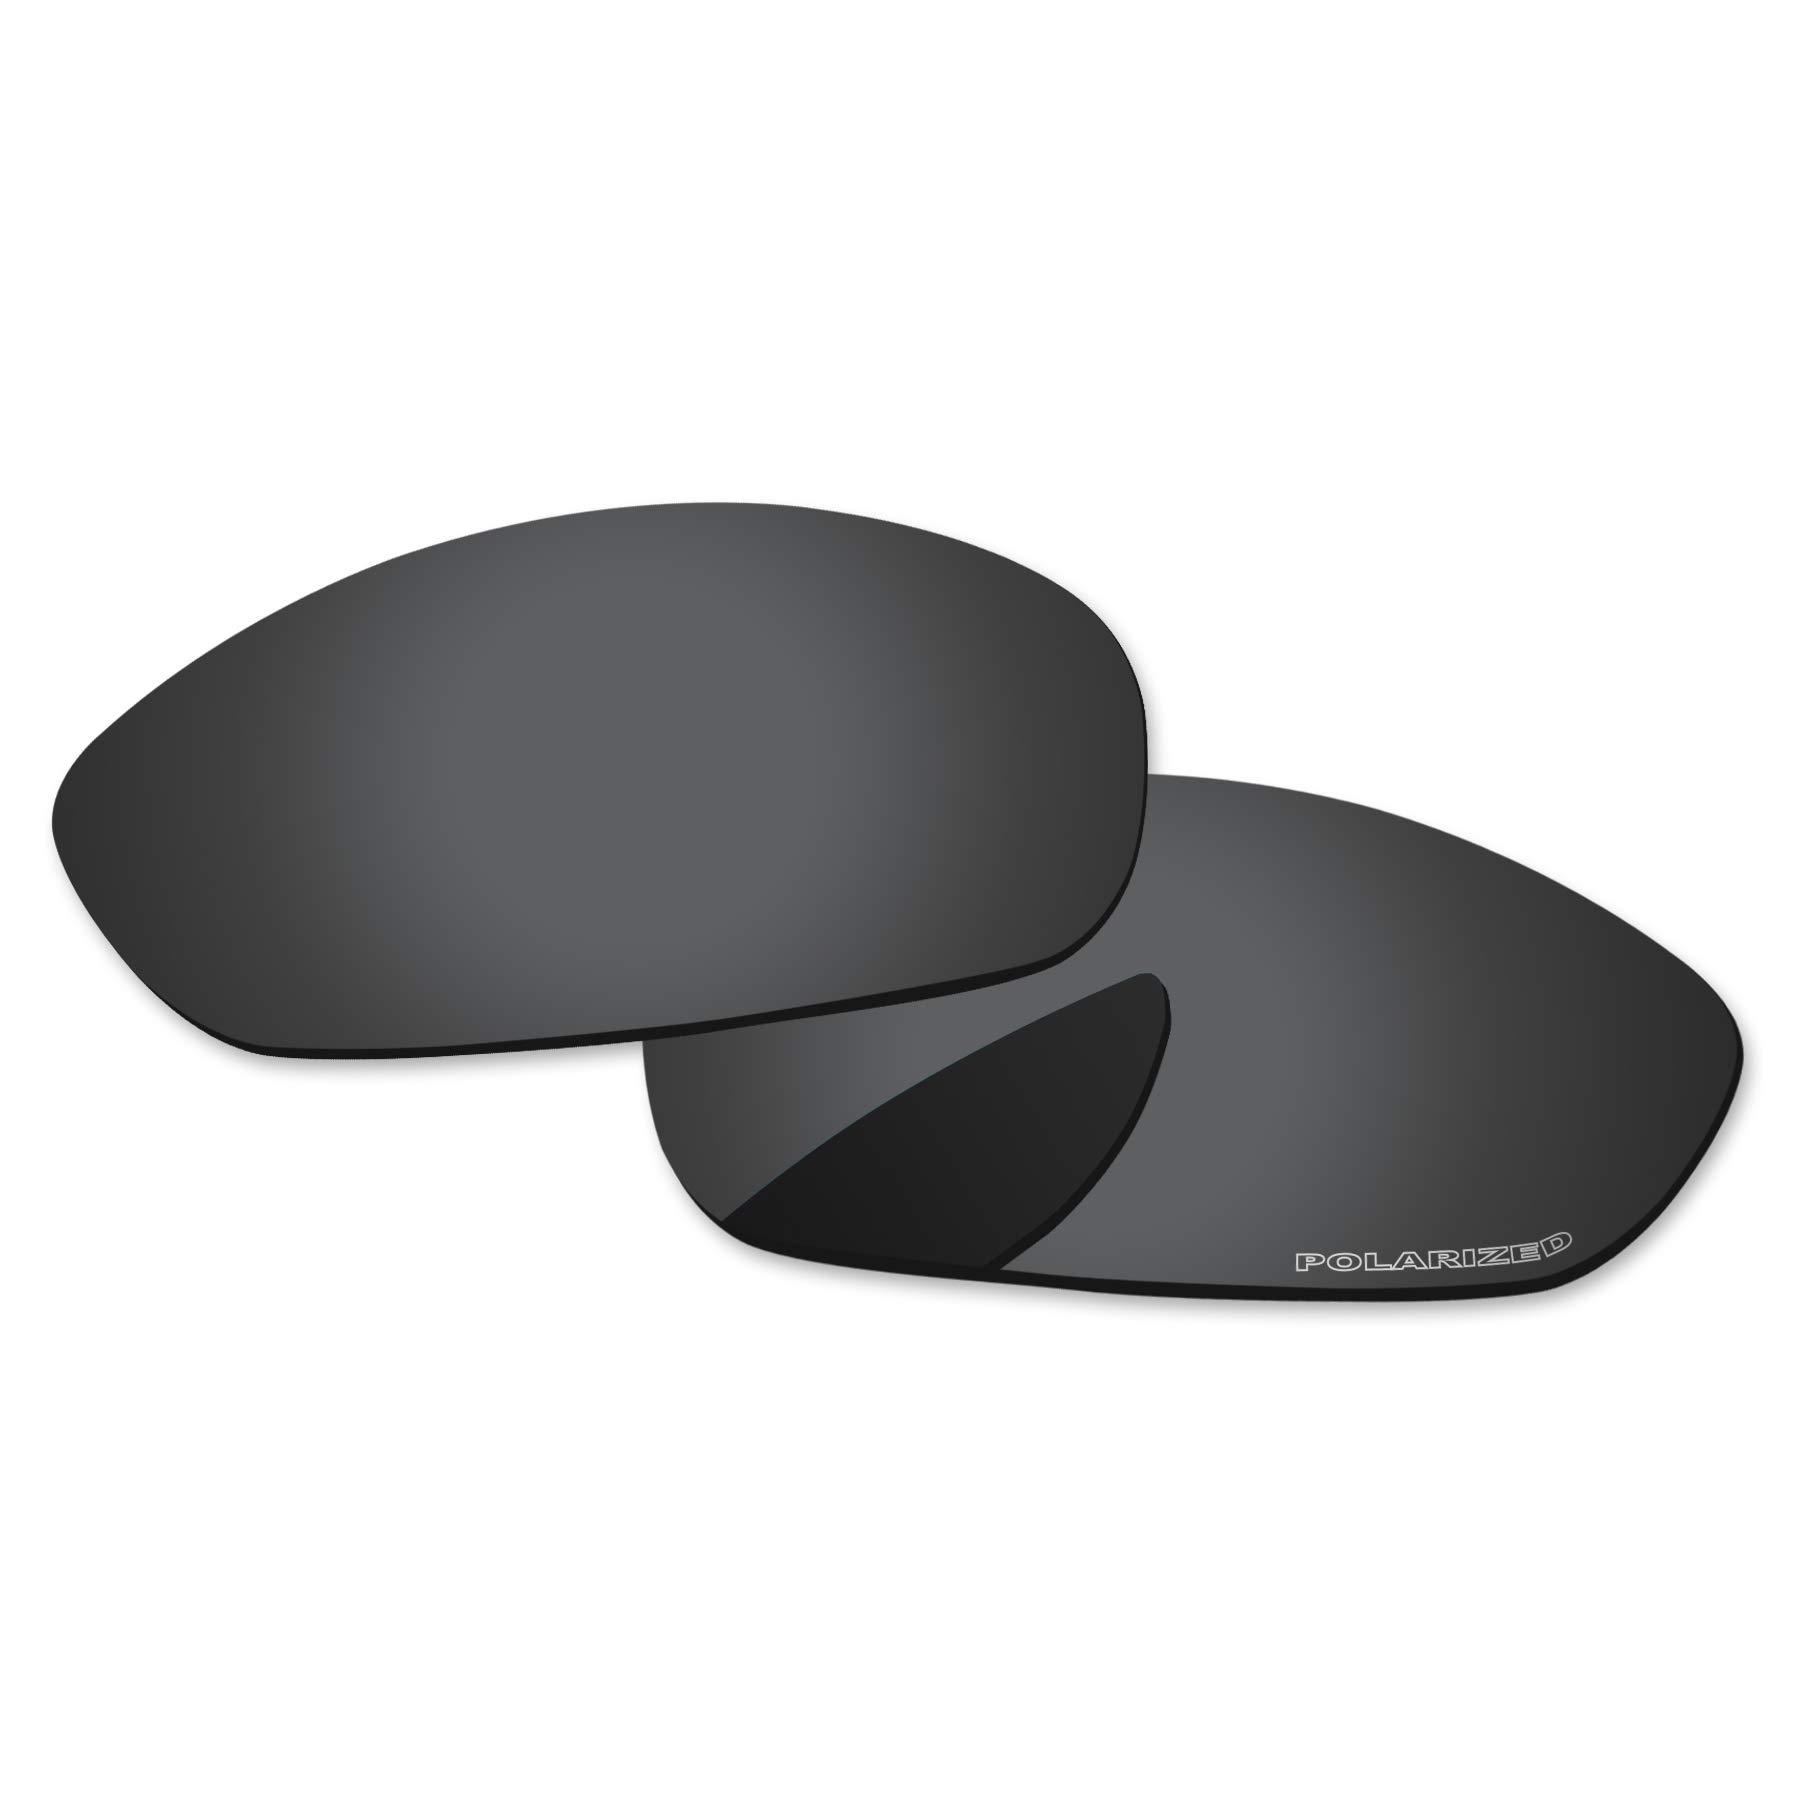 PapaViva Lenses Replacement & Rubber Kits for Oakley Whisker Black Grey - Polarized